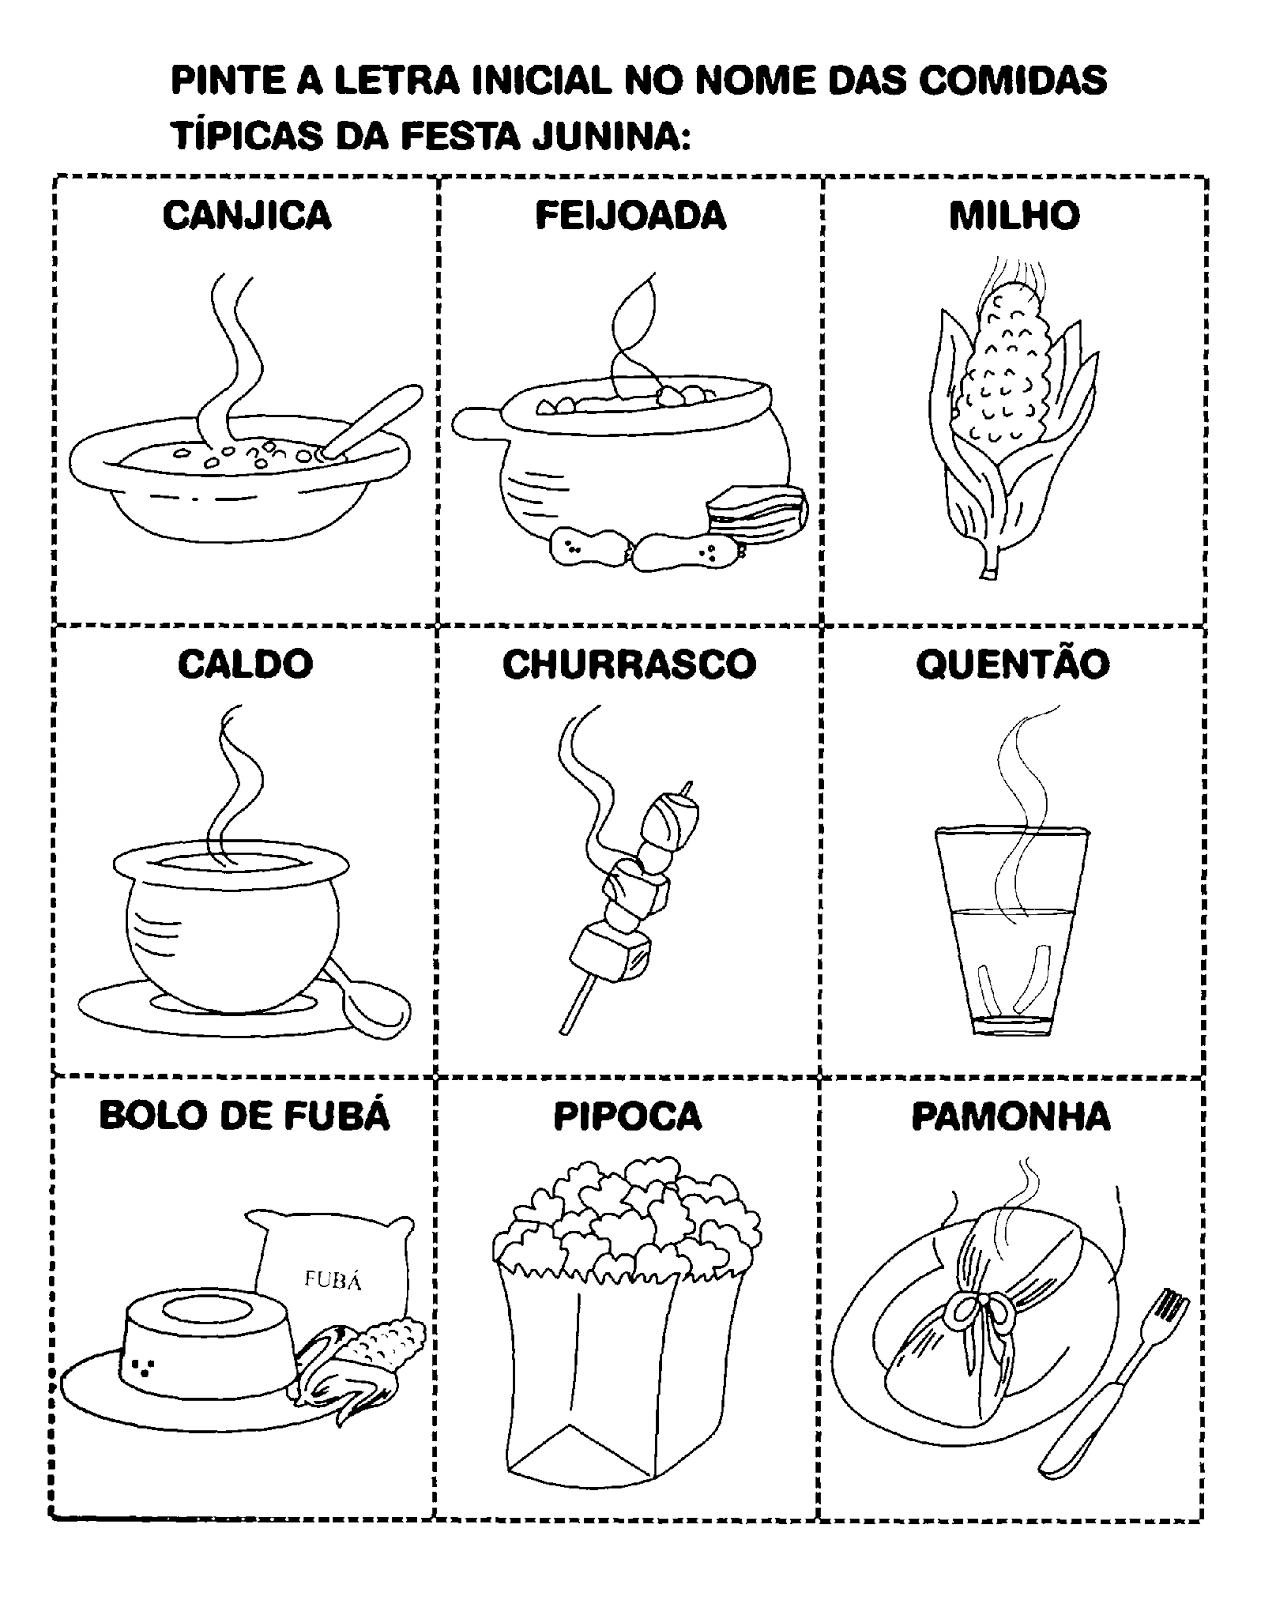 Atividade de pintar a letra inicial.   Pinte a letra inicial no nome das comidas típicas da Festa Junina.